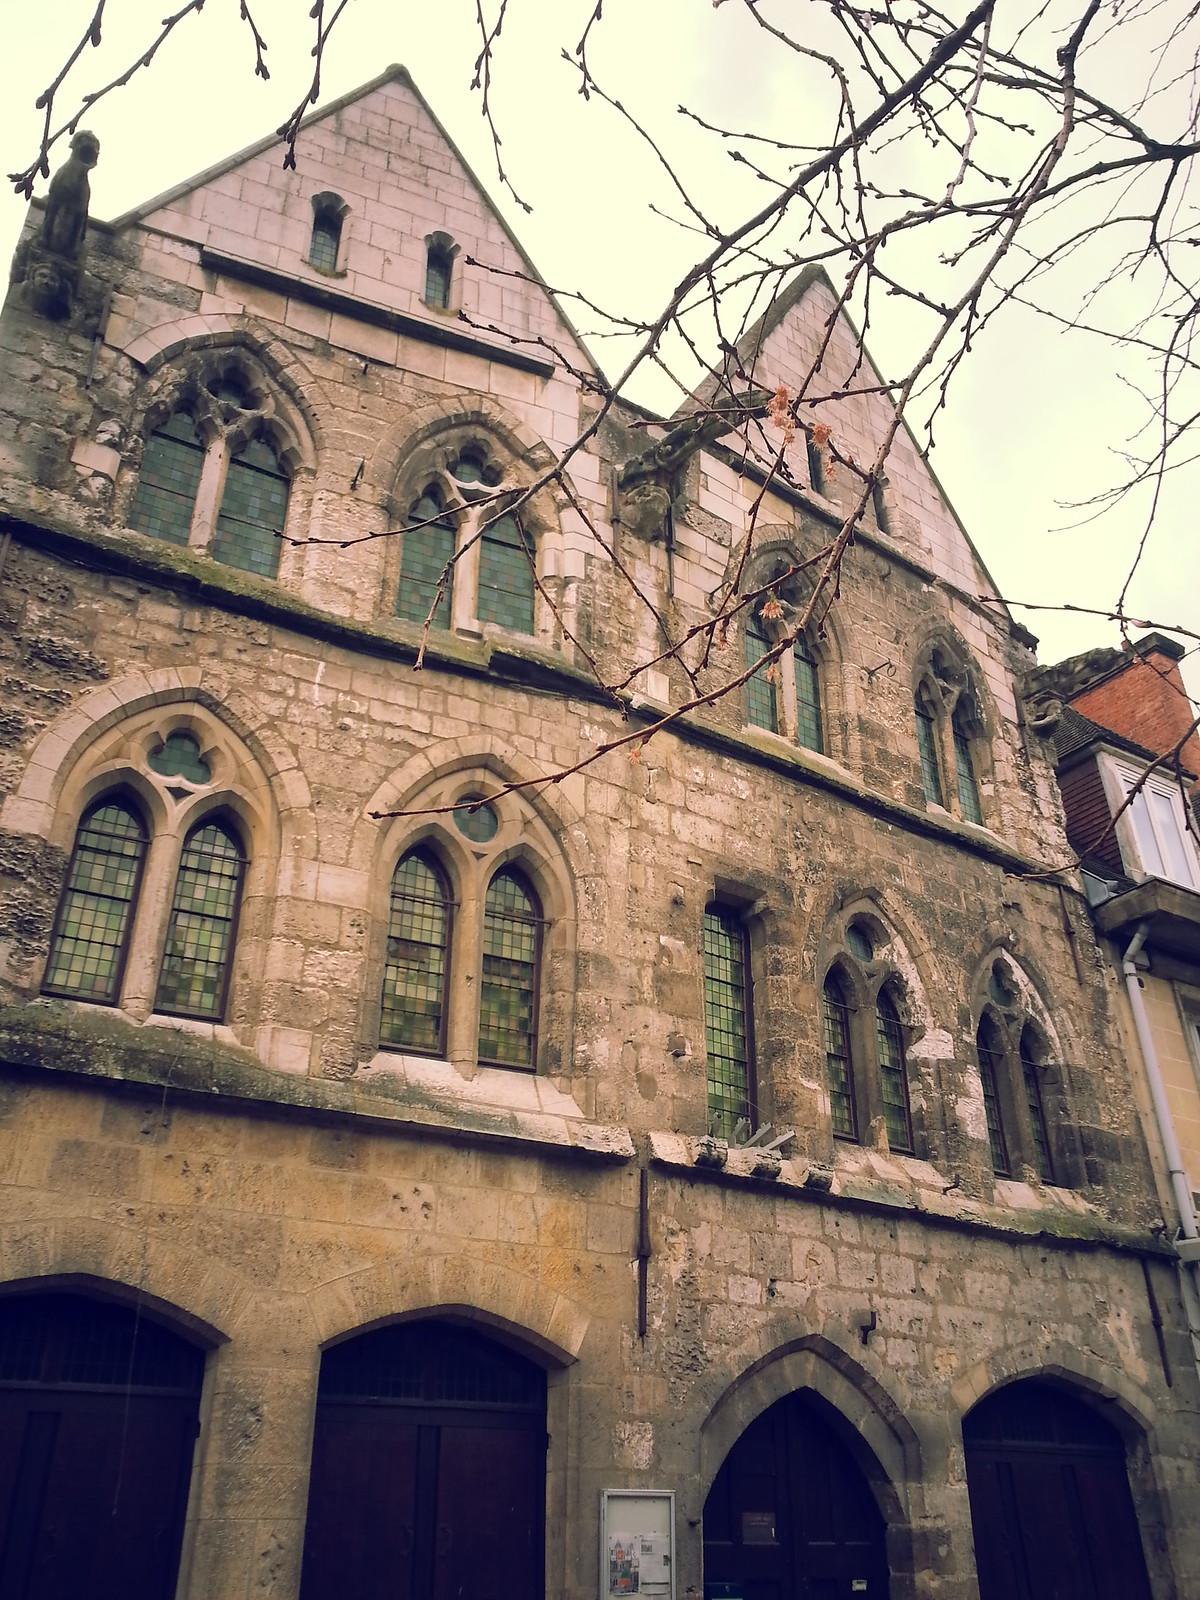 12-16-15 (Caudebec-en-Caux) La maison des templiers.